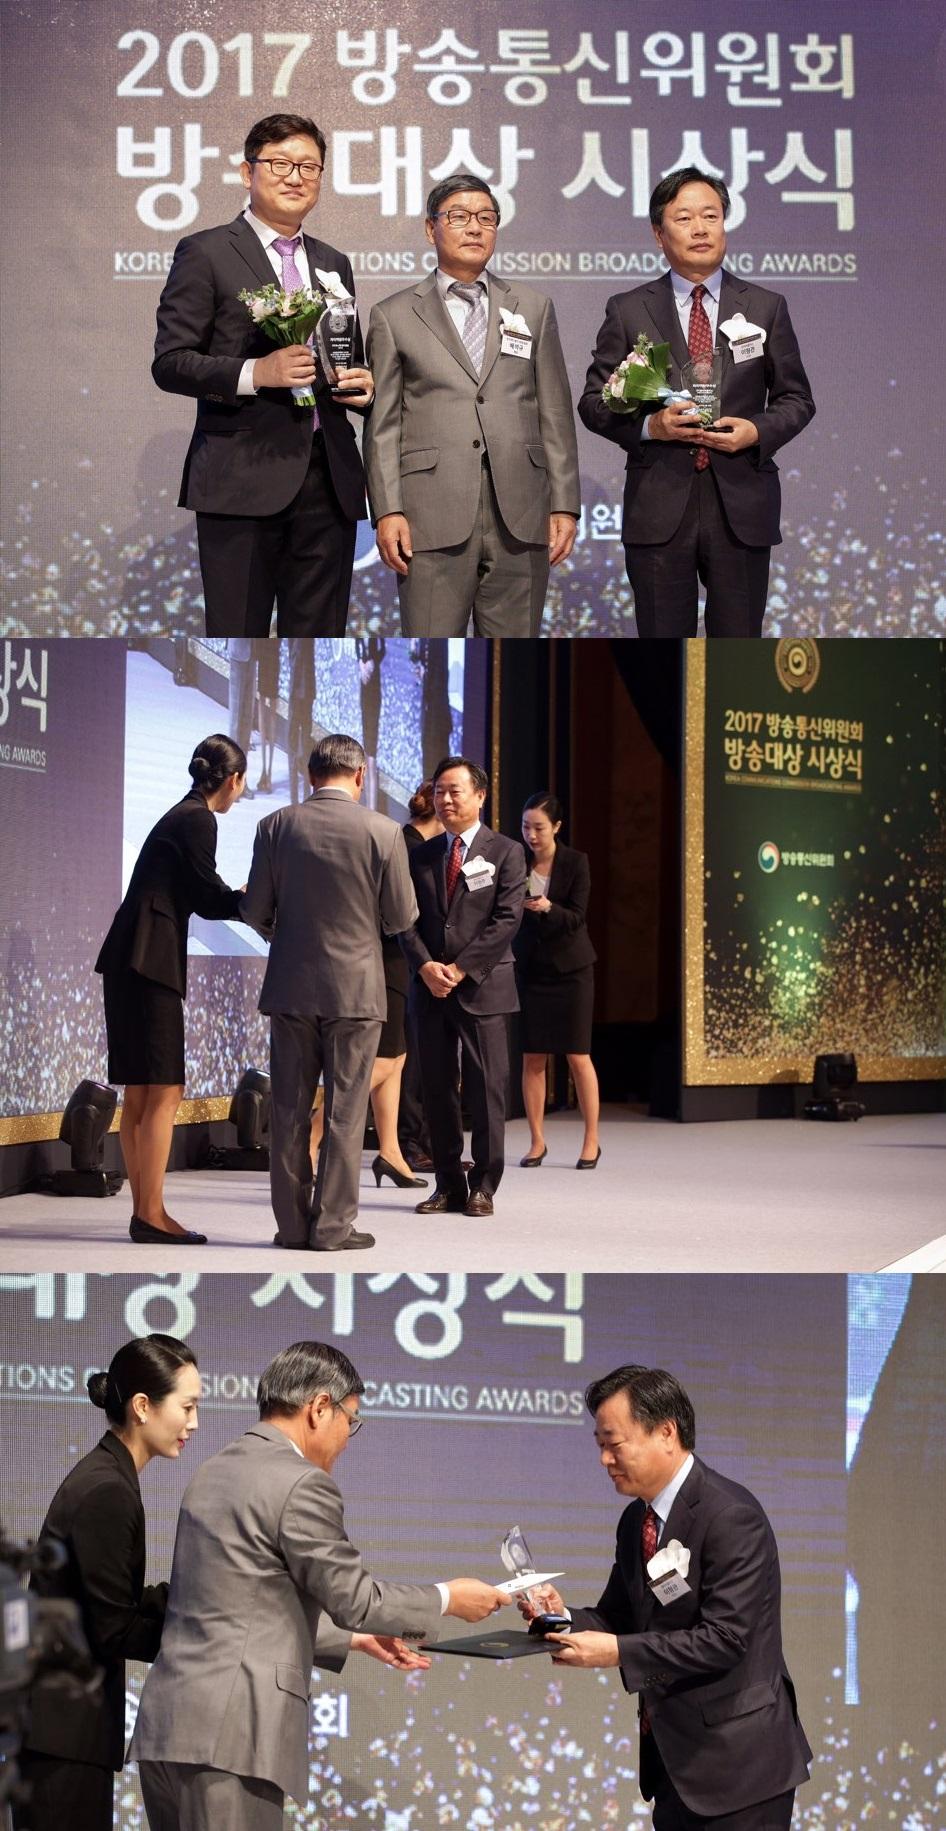 MBC스포츠플러스, '2017 방송통신위원회 방송대상' 우수상 수상